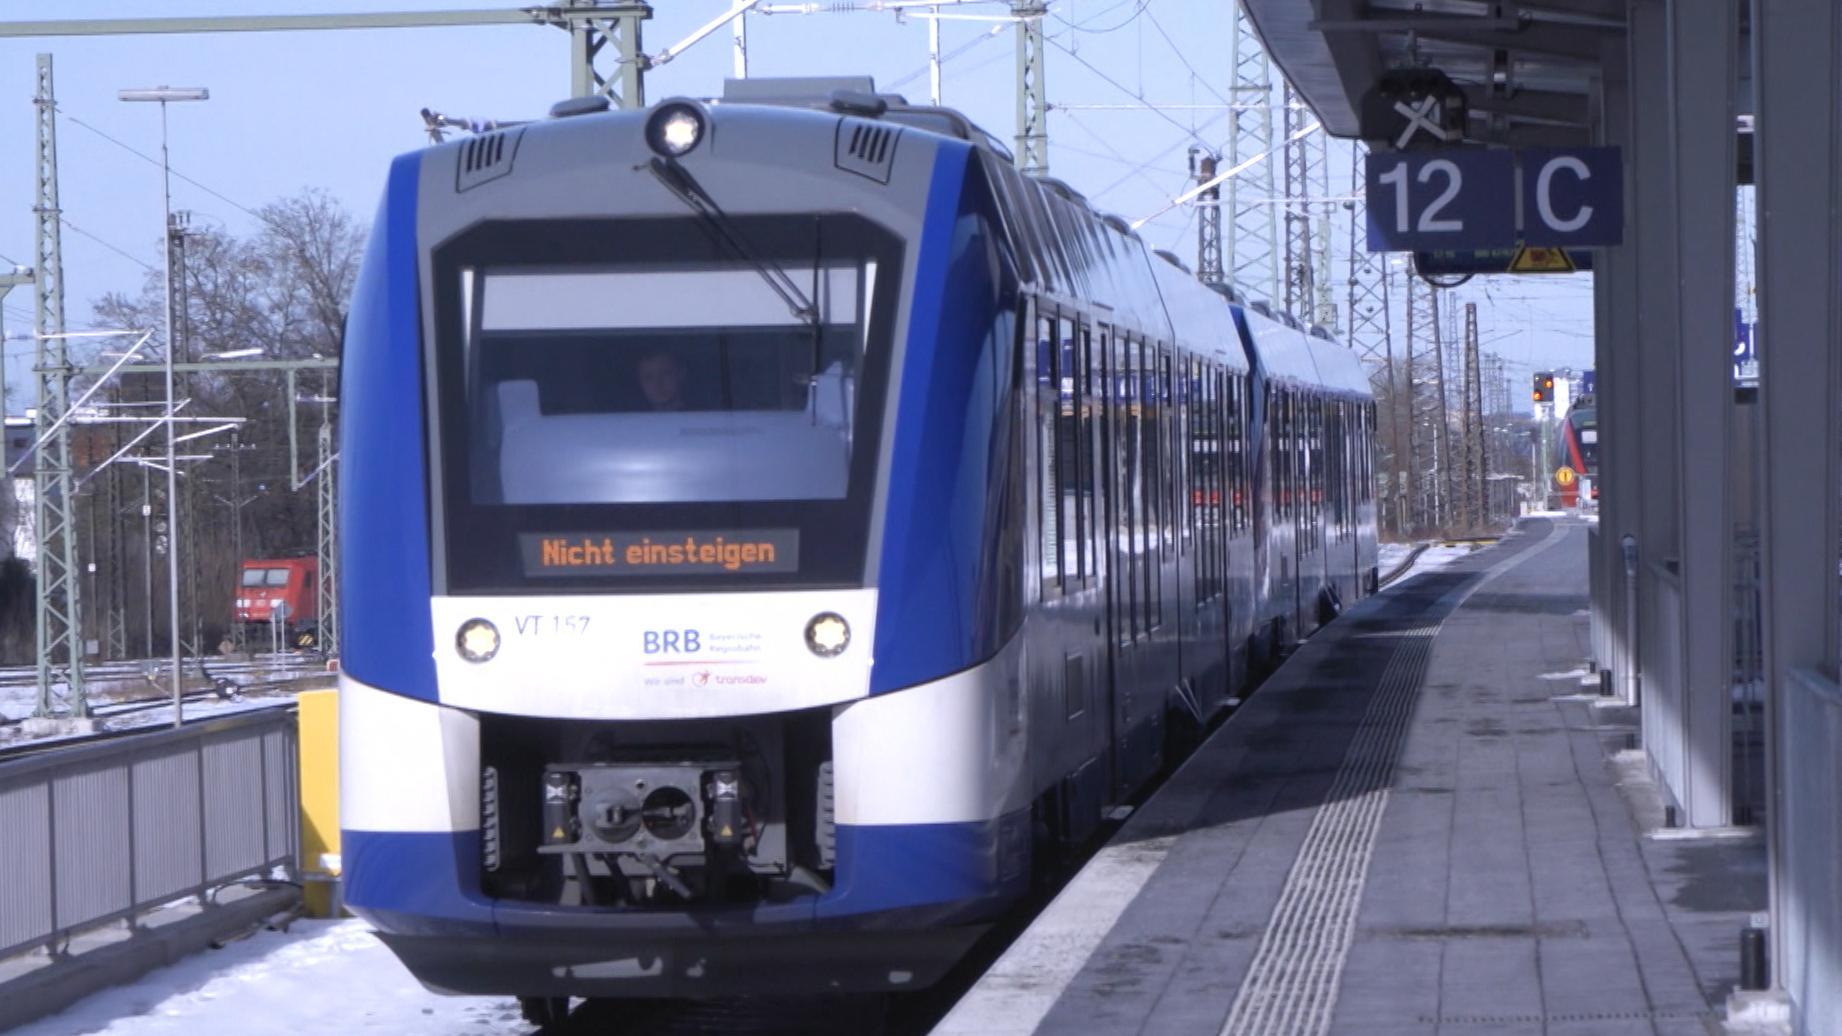 """Ein Zug der Bayerischen Regiobahn im Bahnhof mit Anzeige """"Nicht einsteigen"""""""